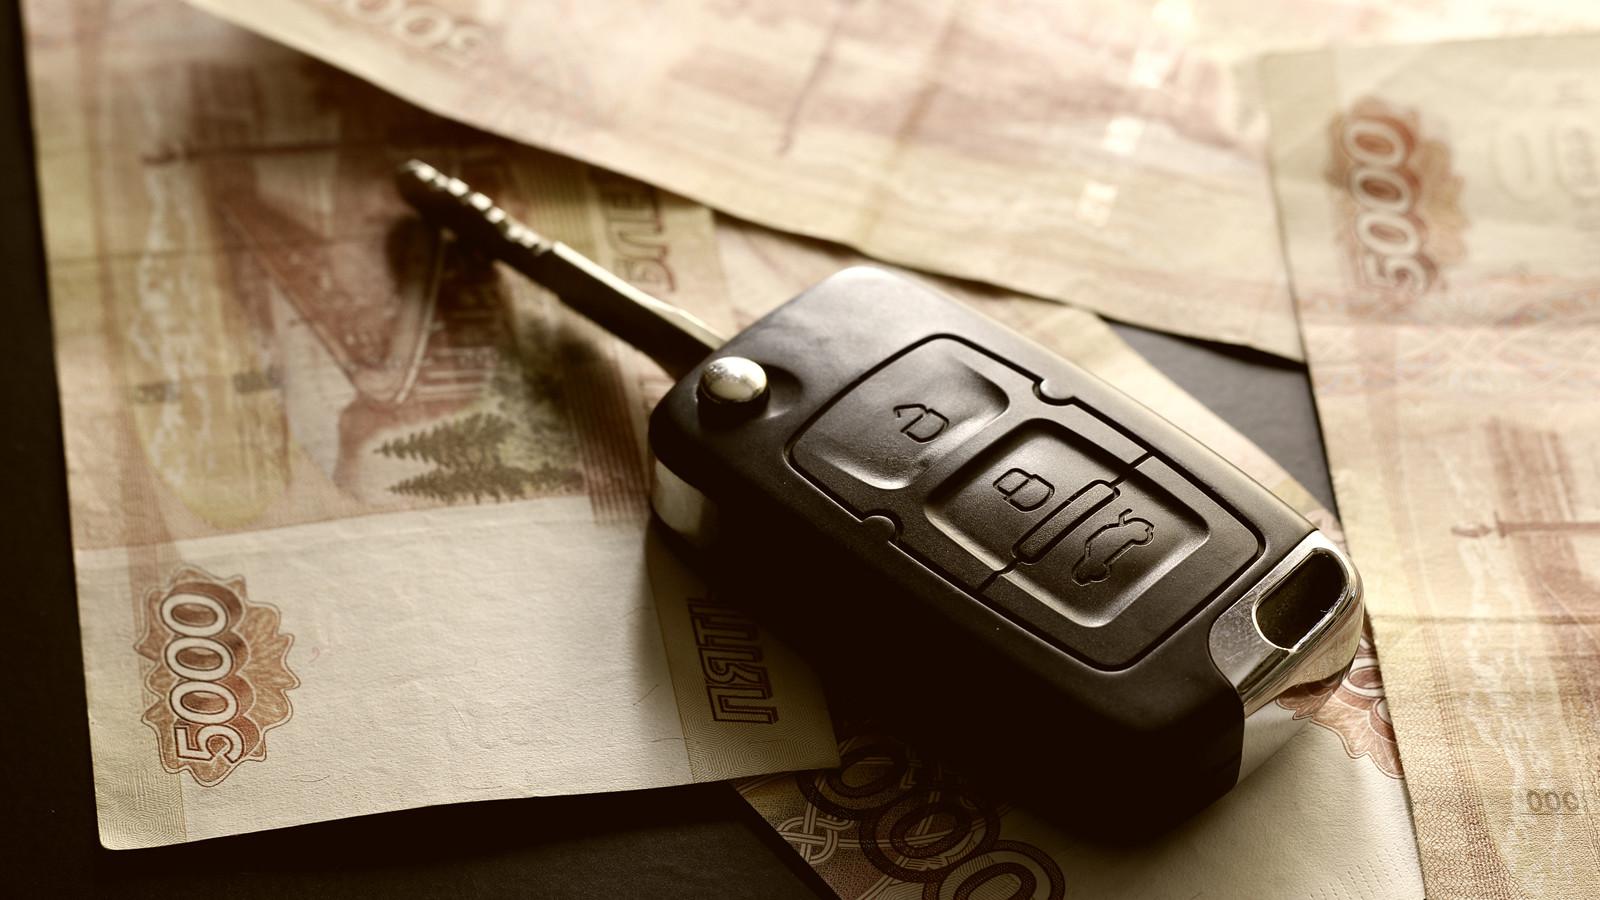 Автозапчасти в Российской Федерации могут снабдить чипами